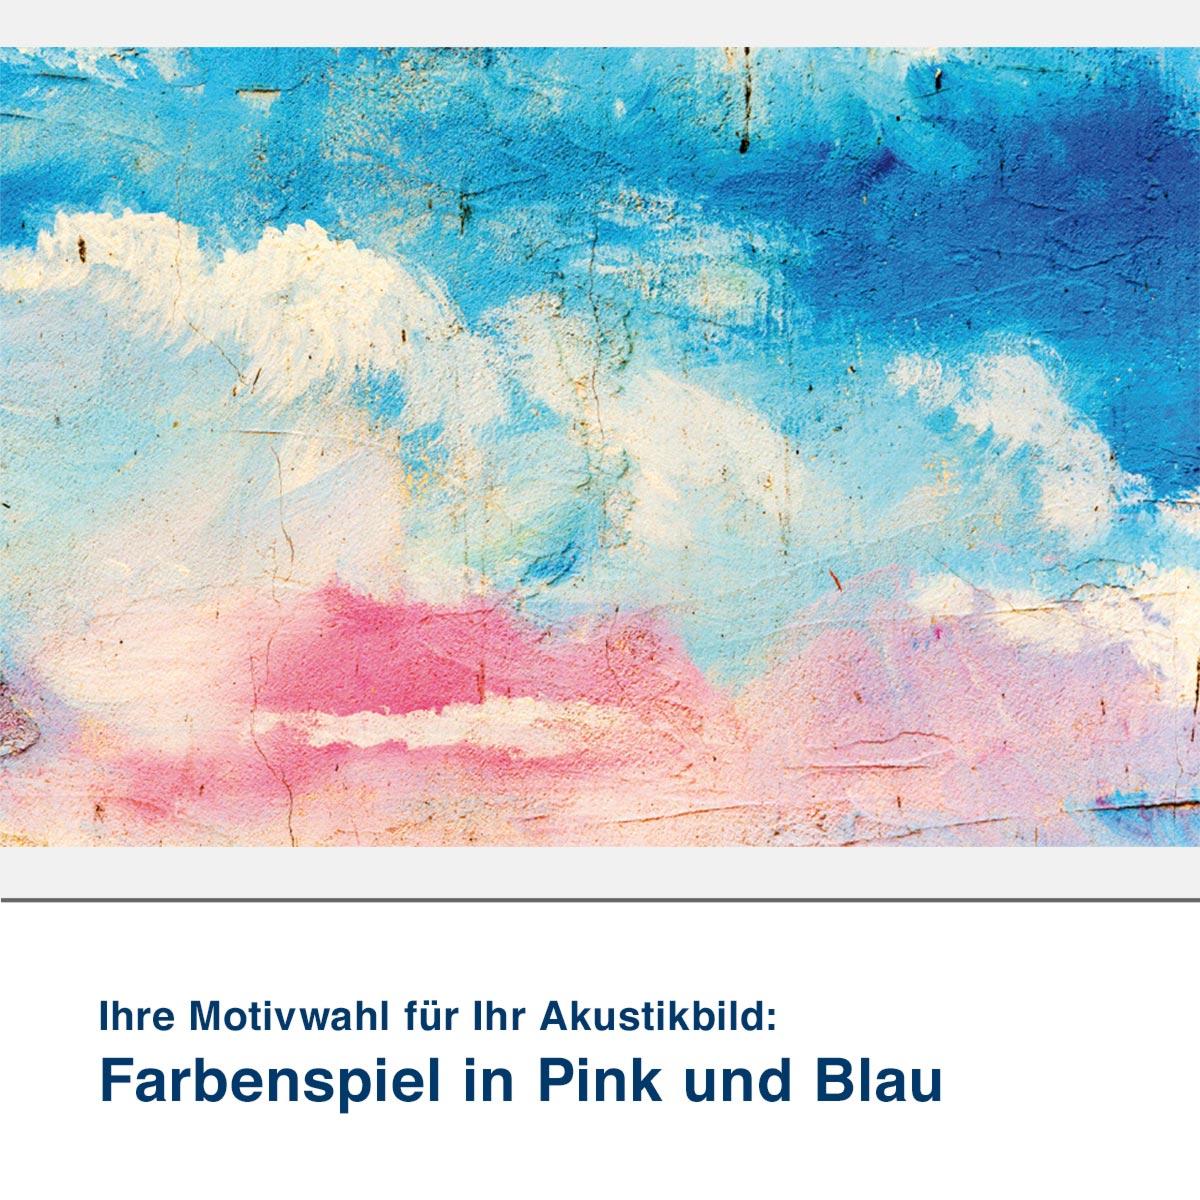 Akustikbild Motiv Farbenspiel in Pink und Blau